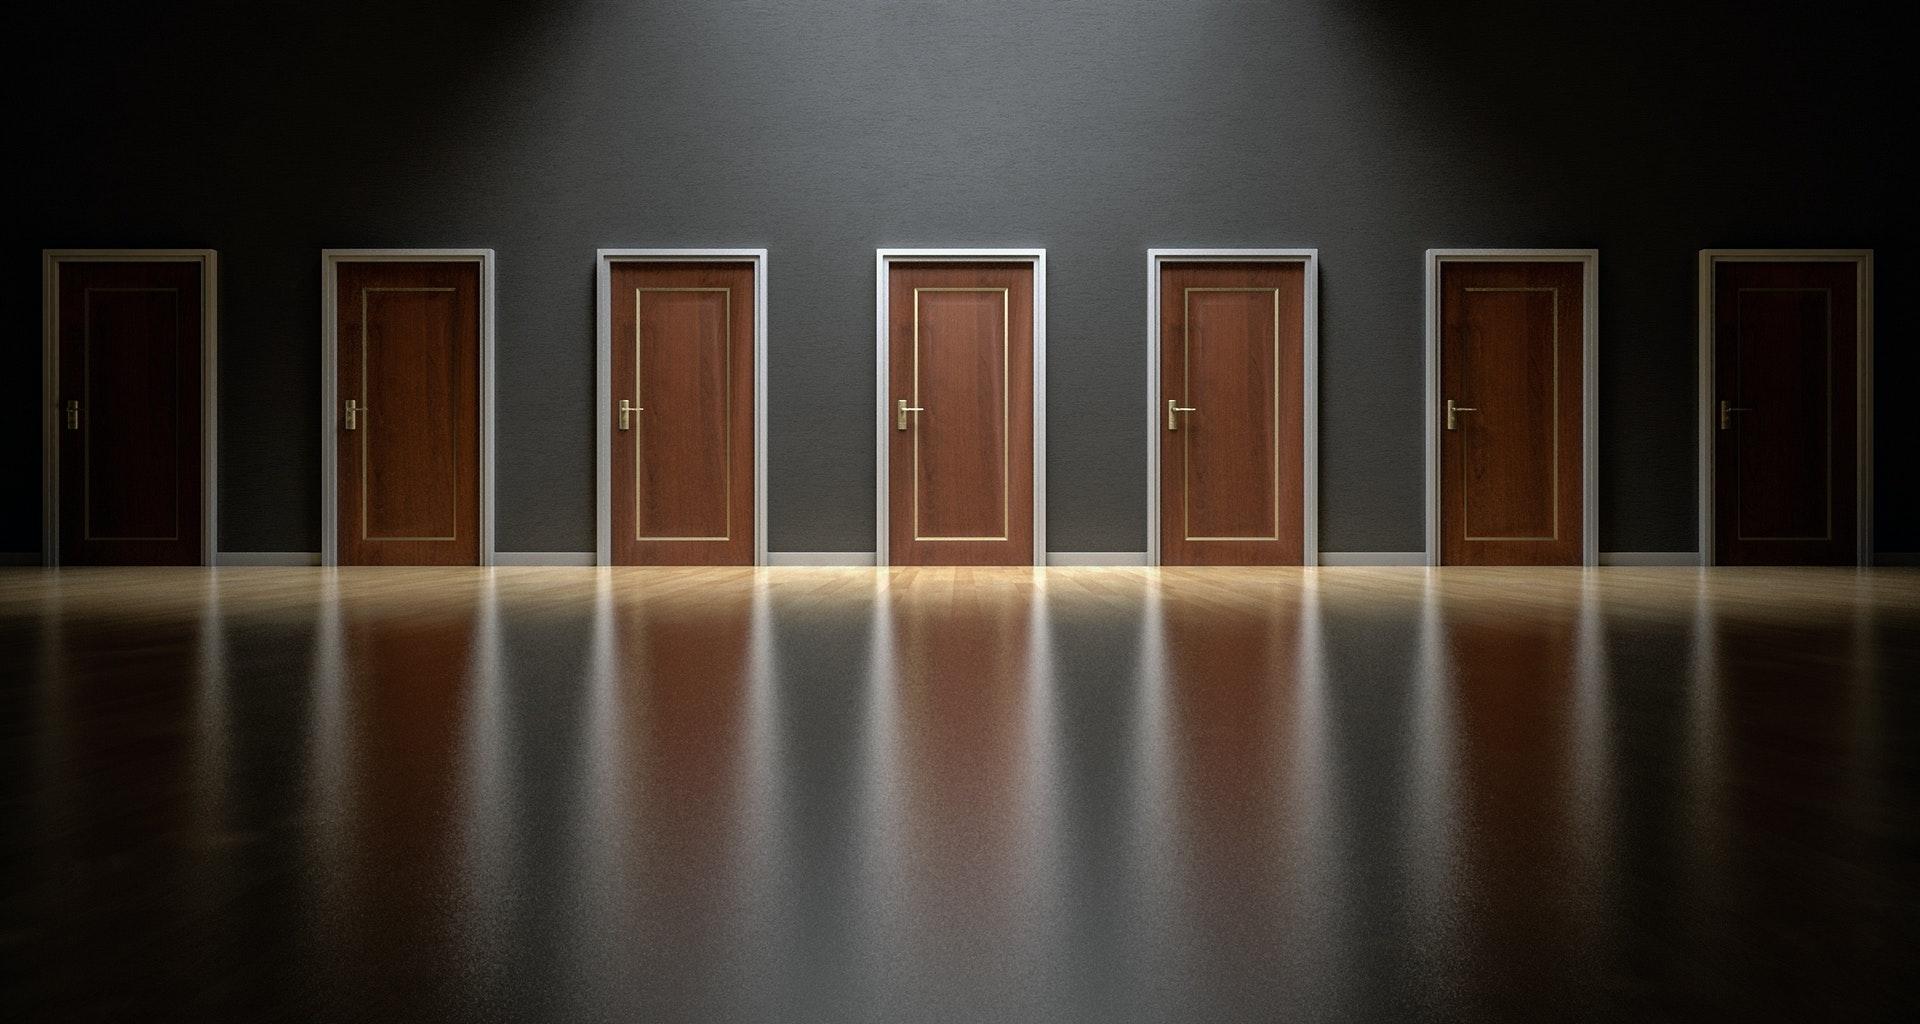 Seven wooden doors